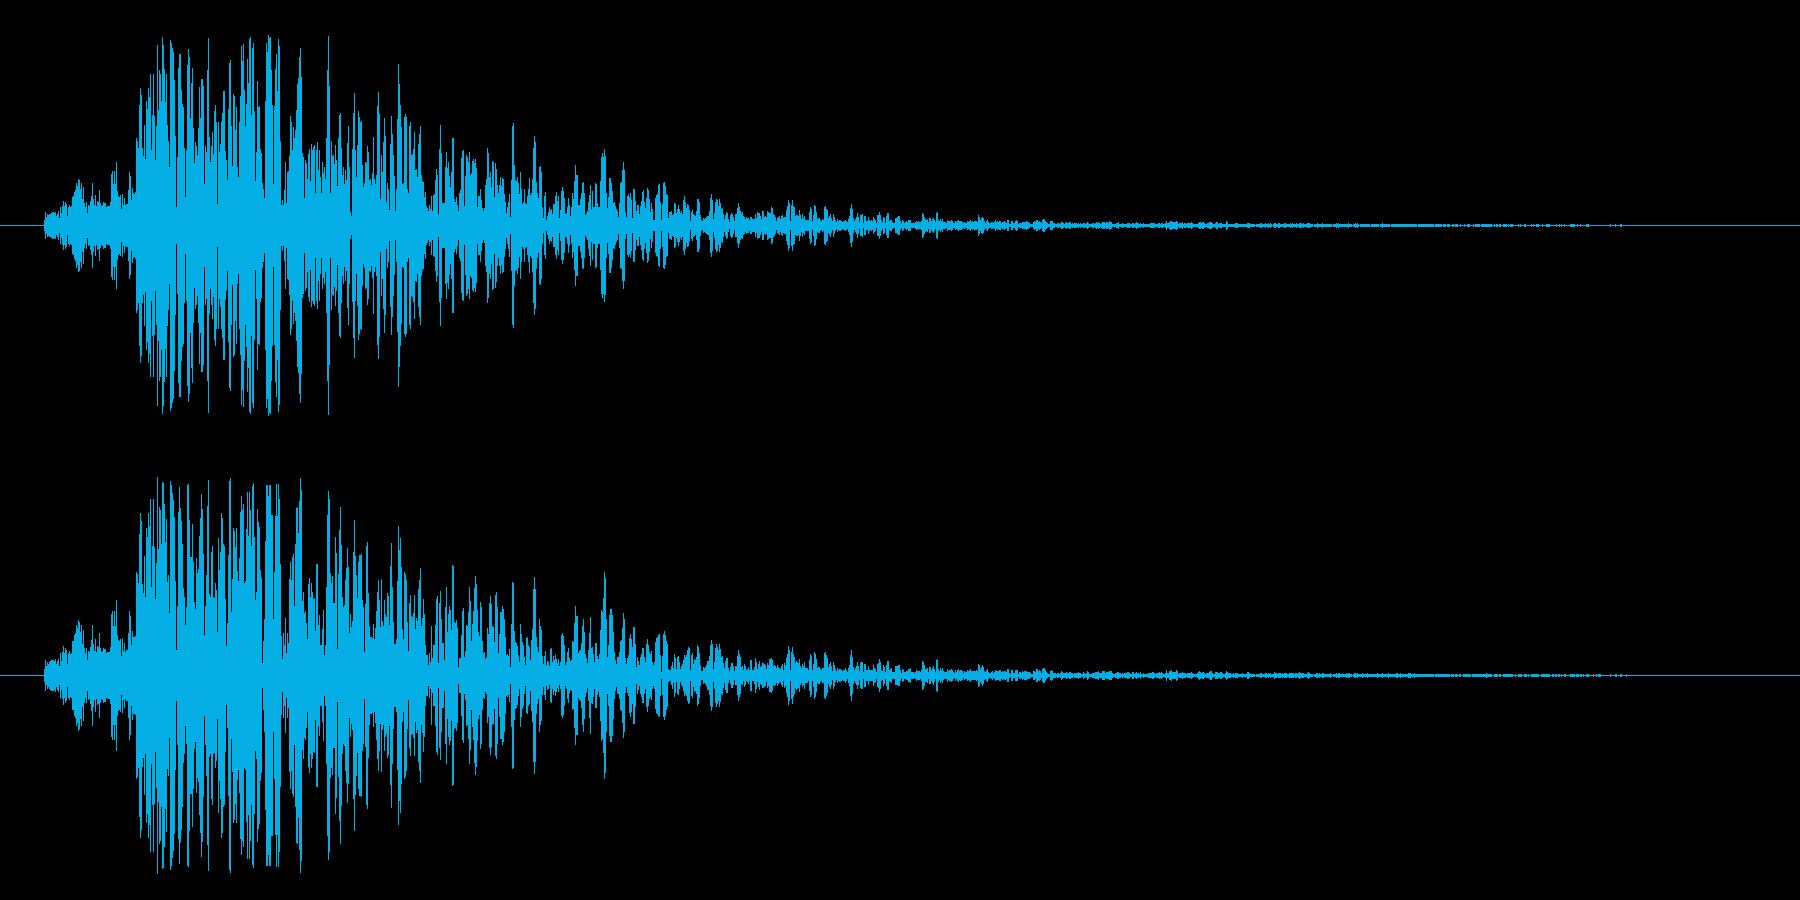 雷のような衝撃音「ドン!」の再生済みの波形